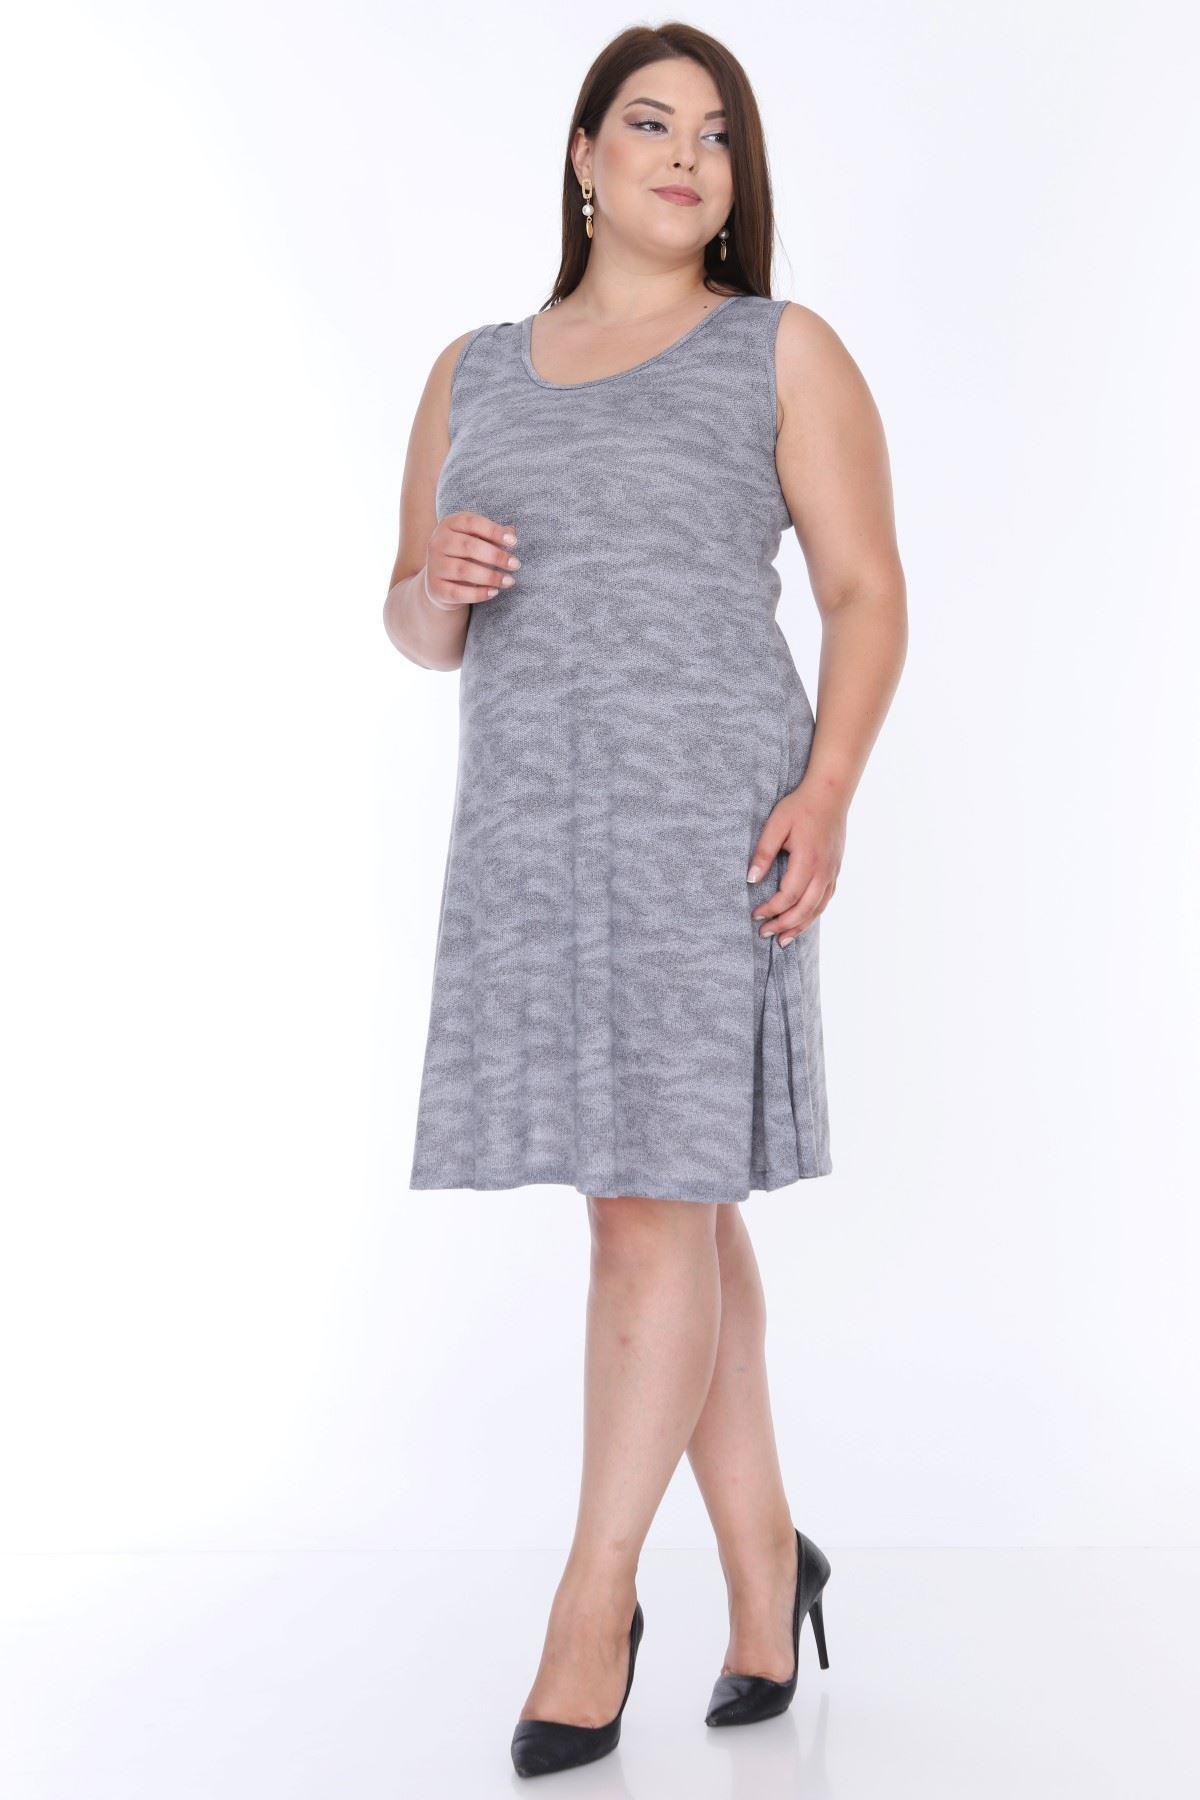 Gri Kolsuz Büyük Beden Elbise 6B-0641